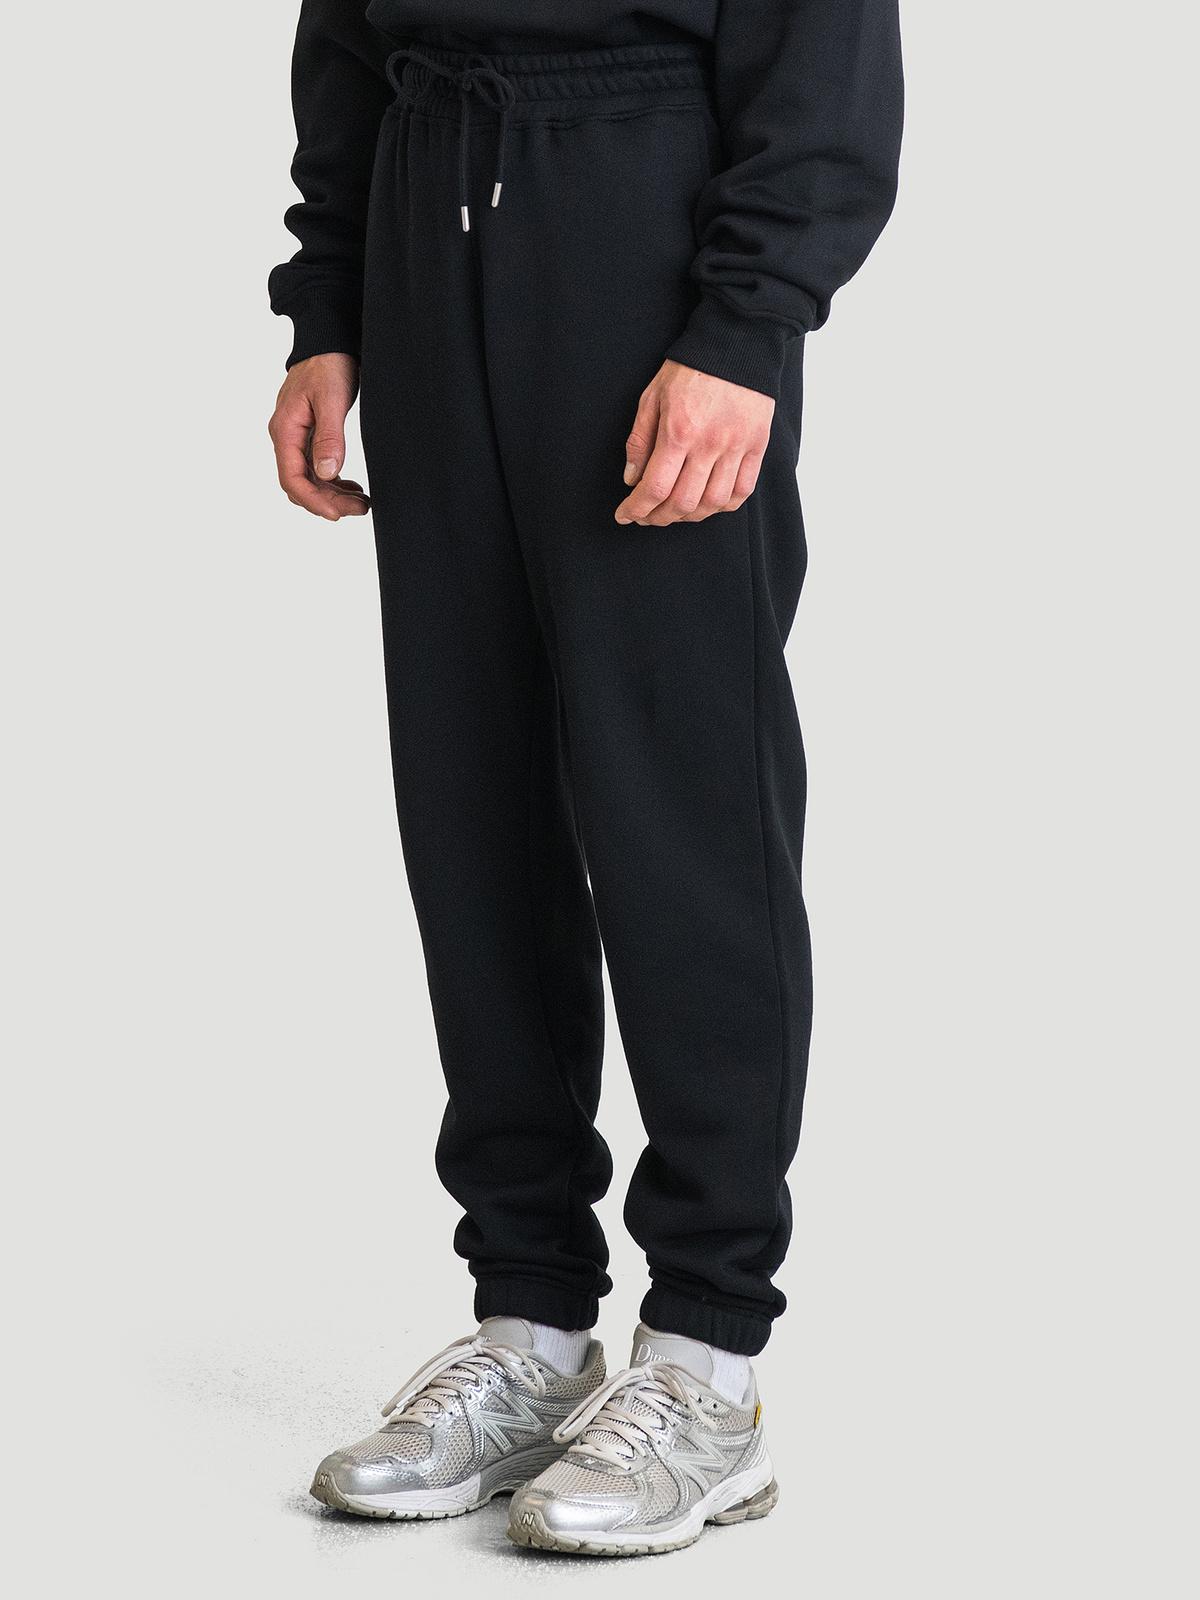 Hanger Trousers Black 7